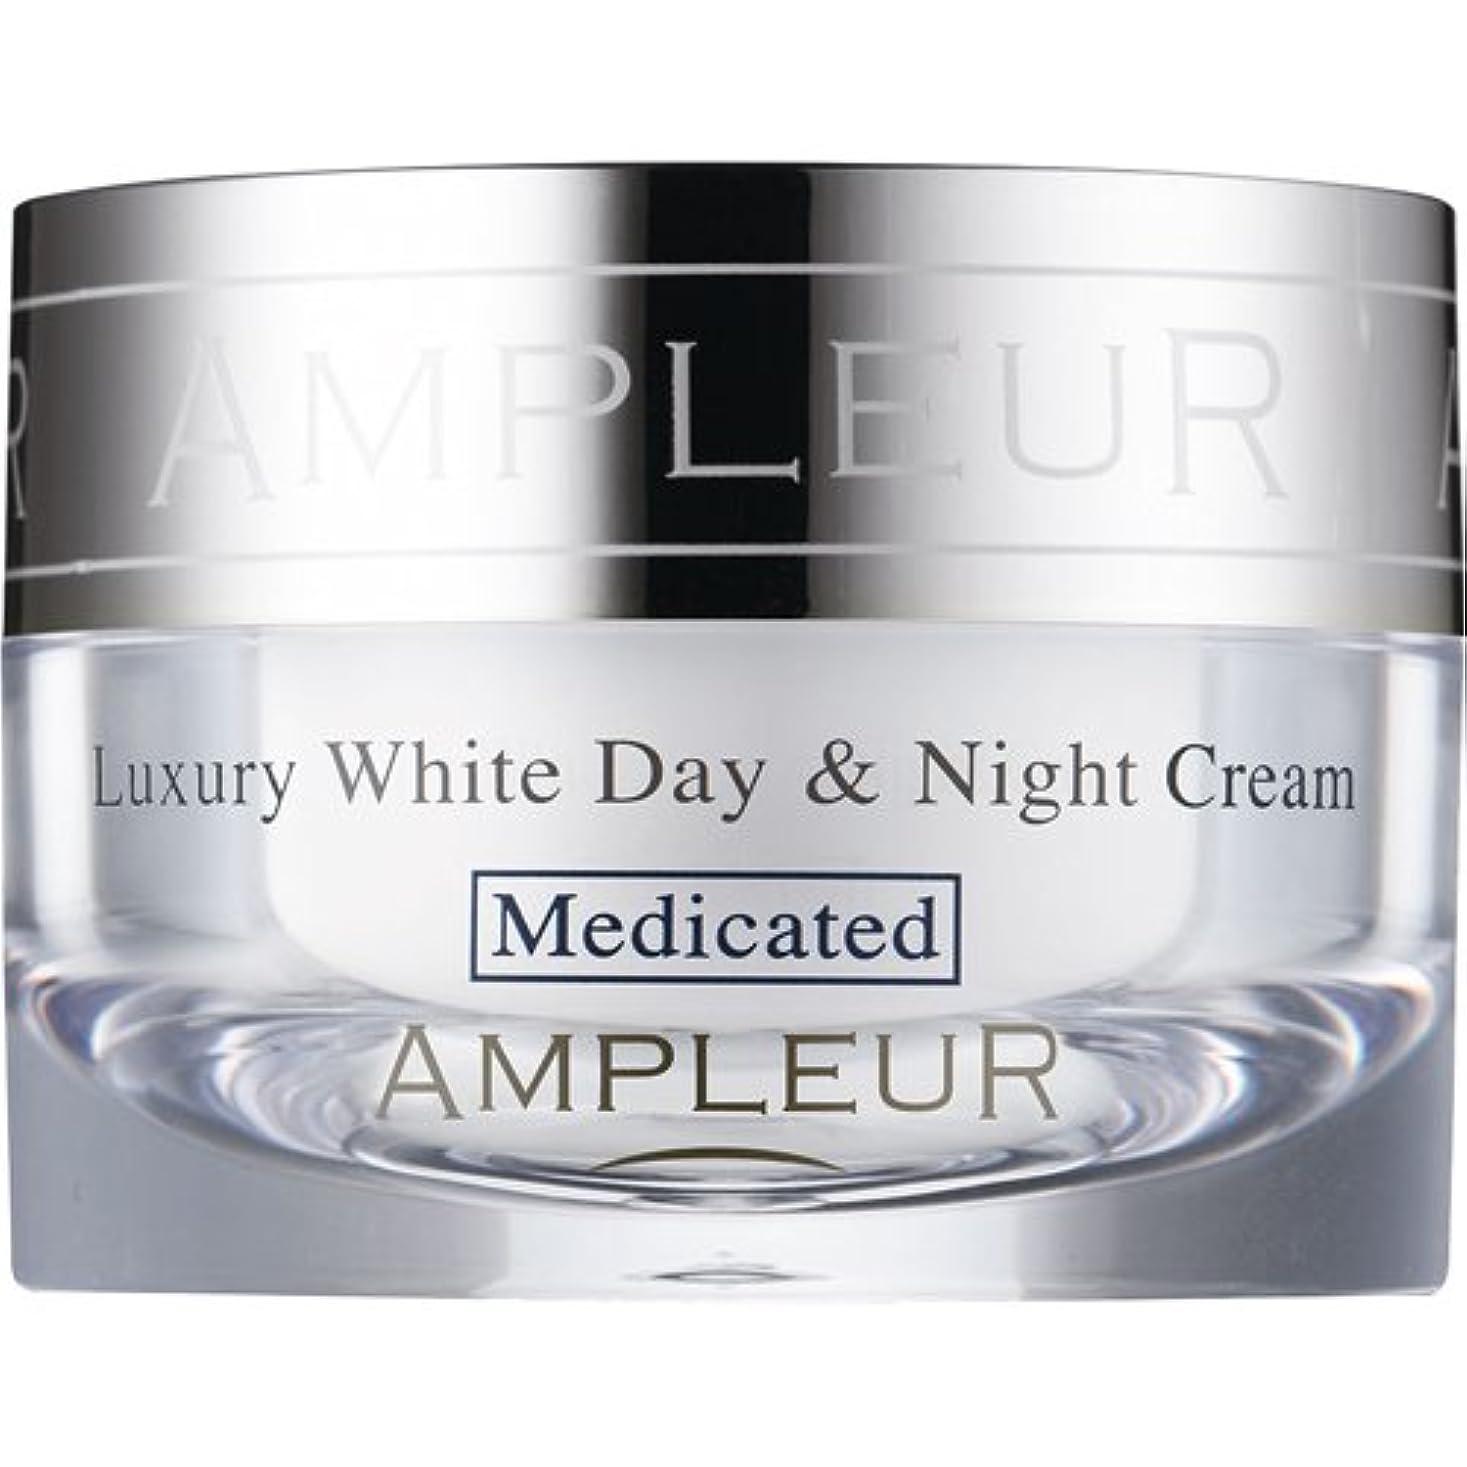 緊張するいくつかのバースAMPLEUR(アンプルール) ラグジュアリーホワイト 薬用デイ&ナイトクリーム 30g